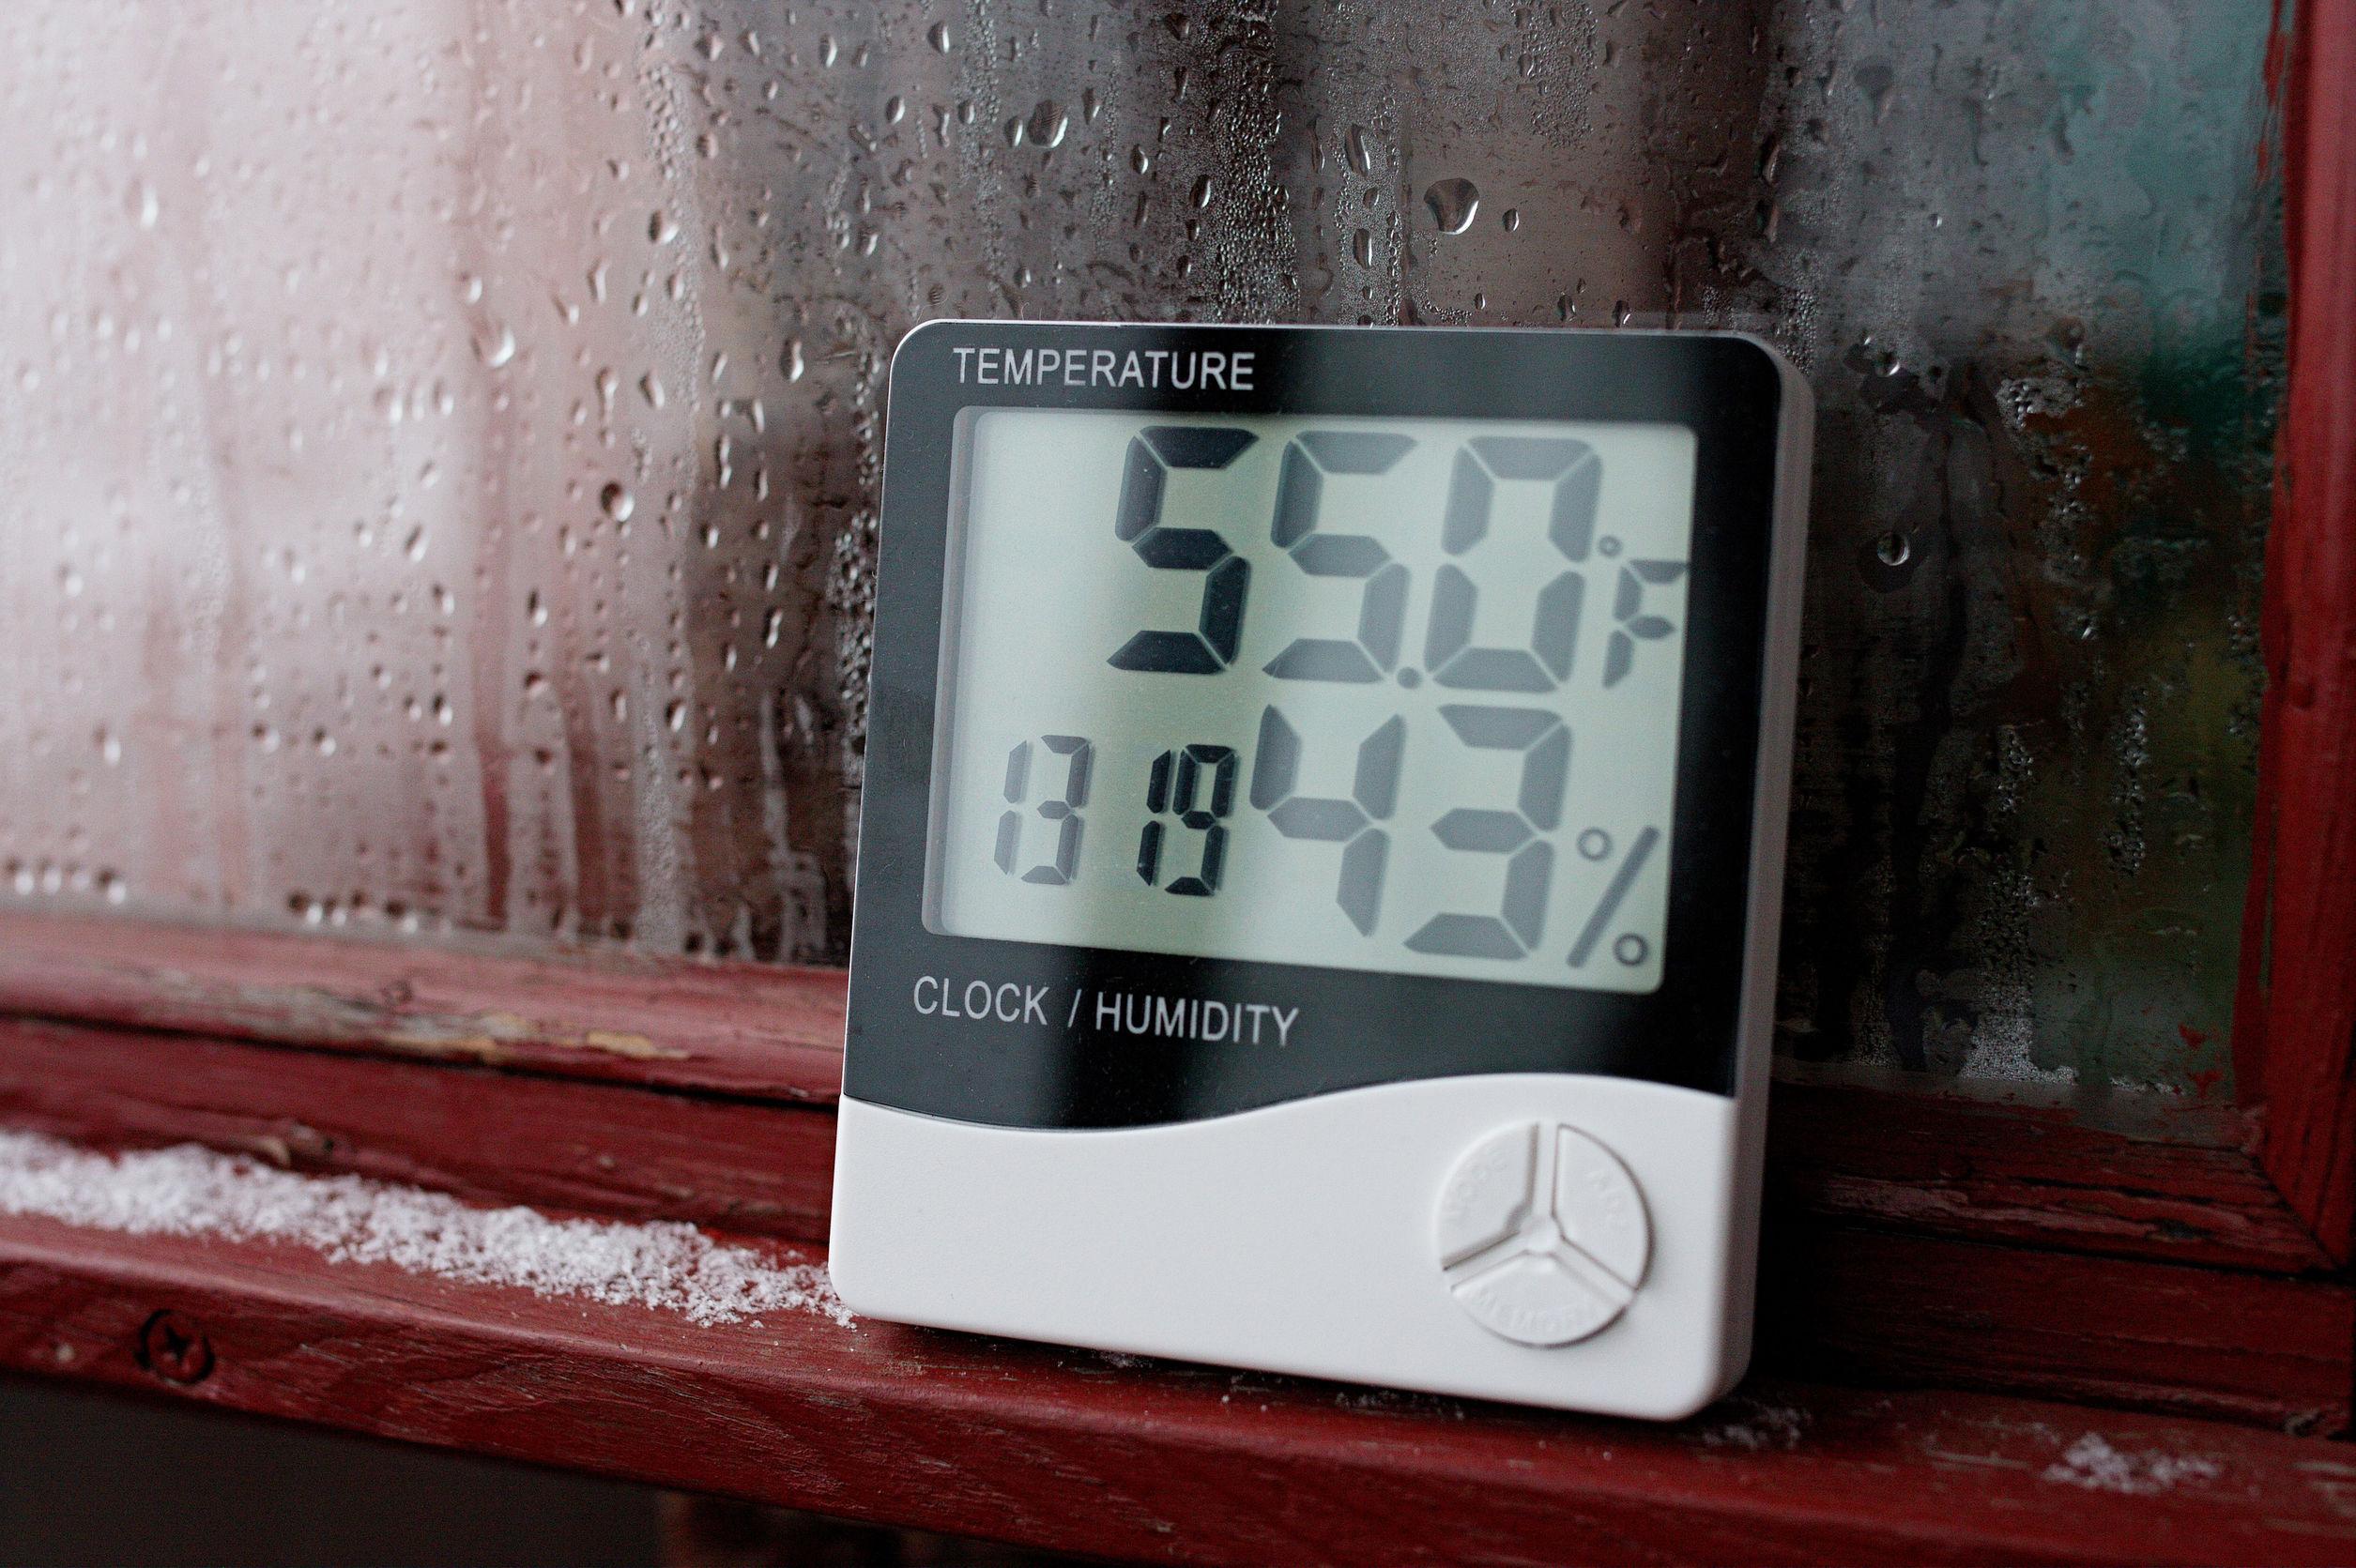 Termómetro e higrómetro de electrónica para control de temperatura y humedad. El indicador de humedad se indica en el higrómetro del dispositivo